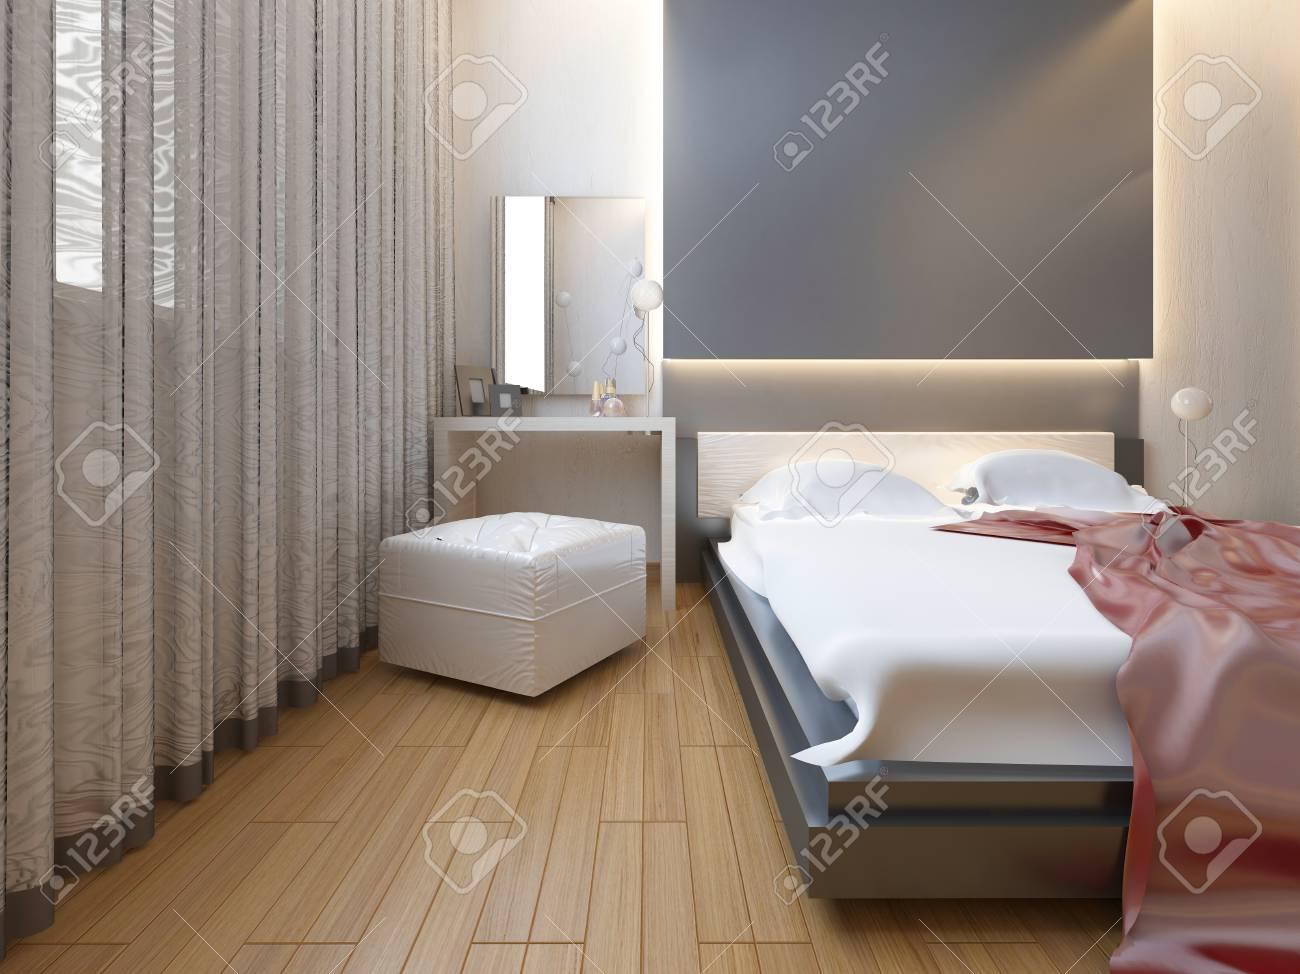 Schlafzimmer Im Orientalischen Stil Licht Mit Roten Und Gelben Blumen.  Schlafzimmer Mit Einem Großen Bett